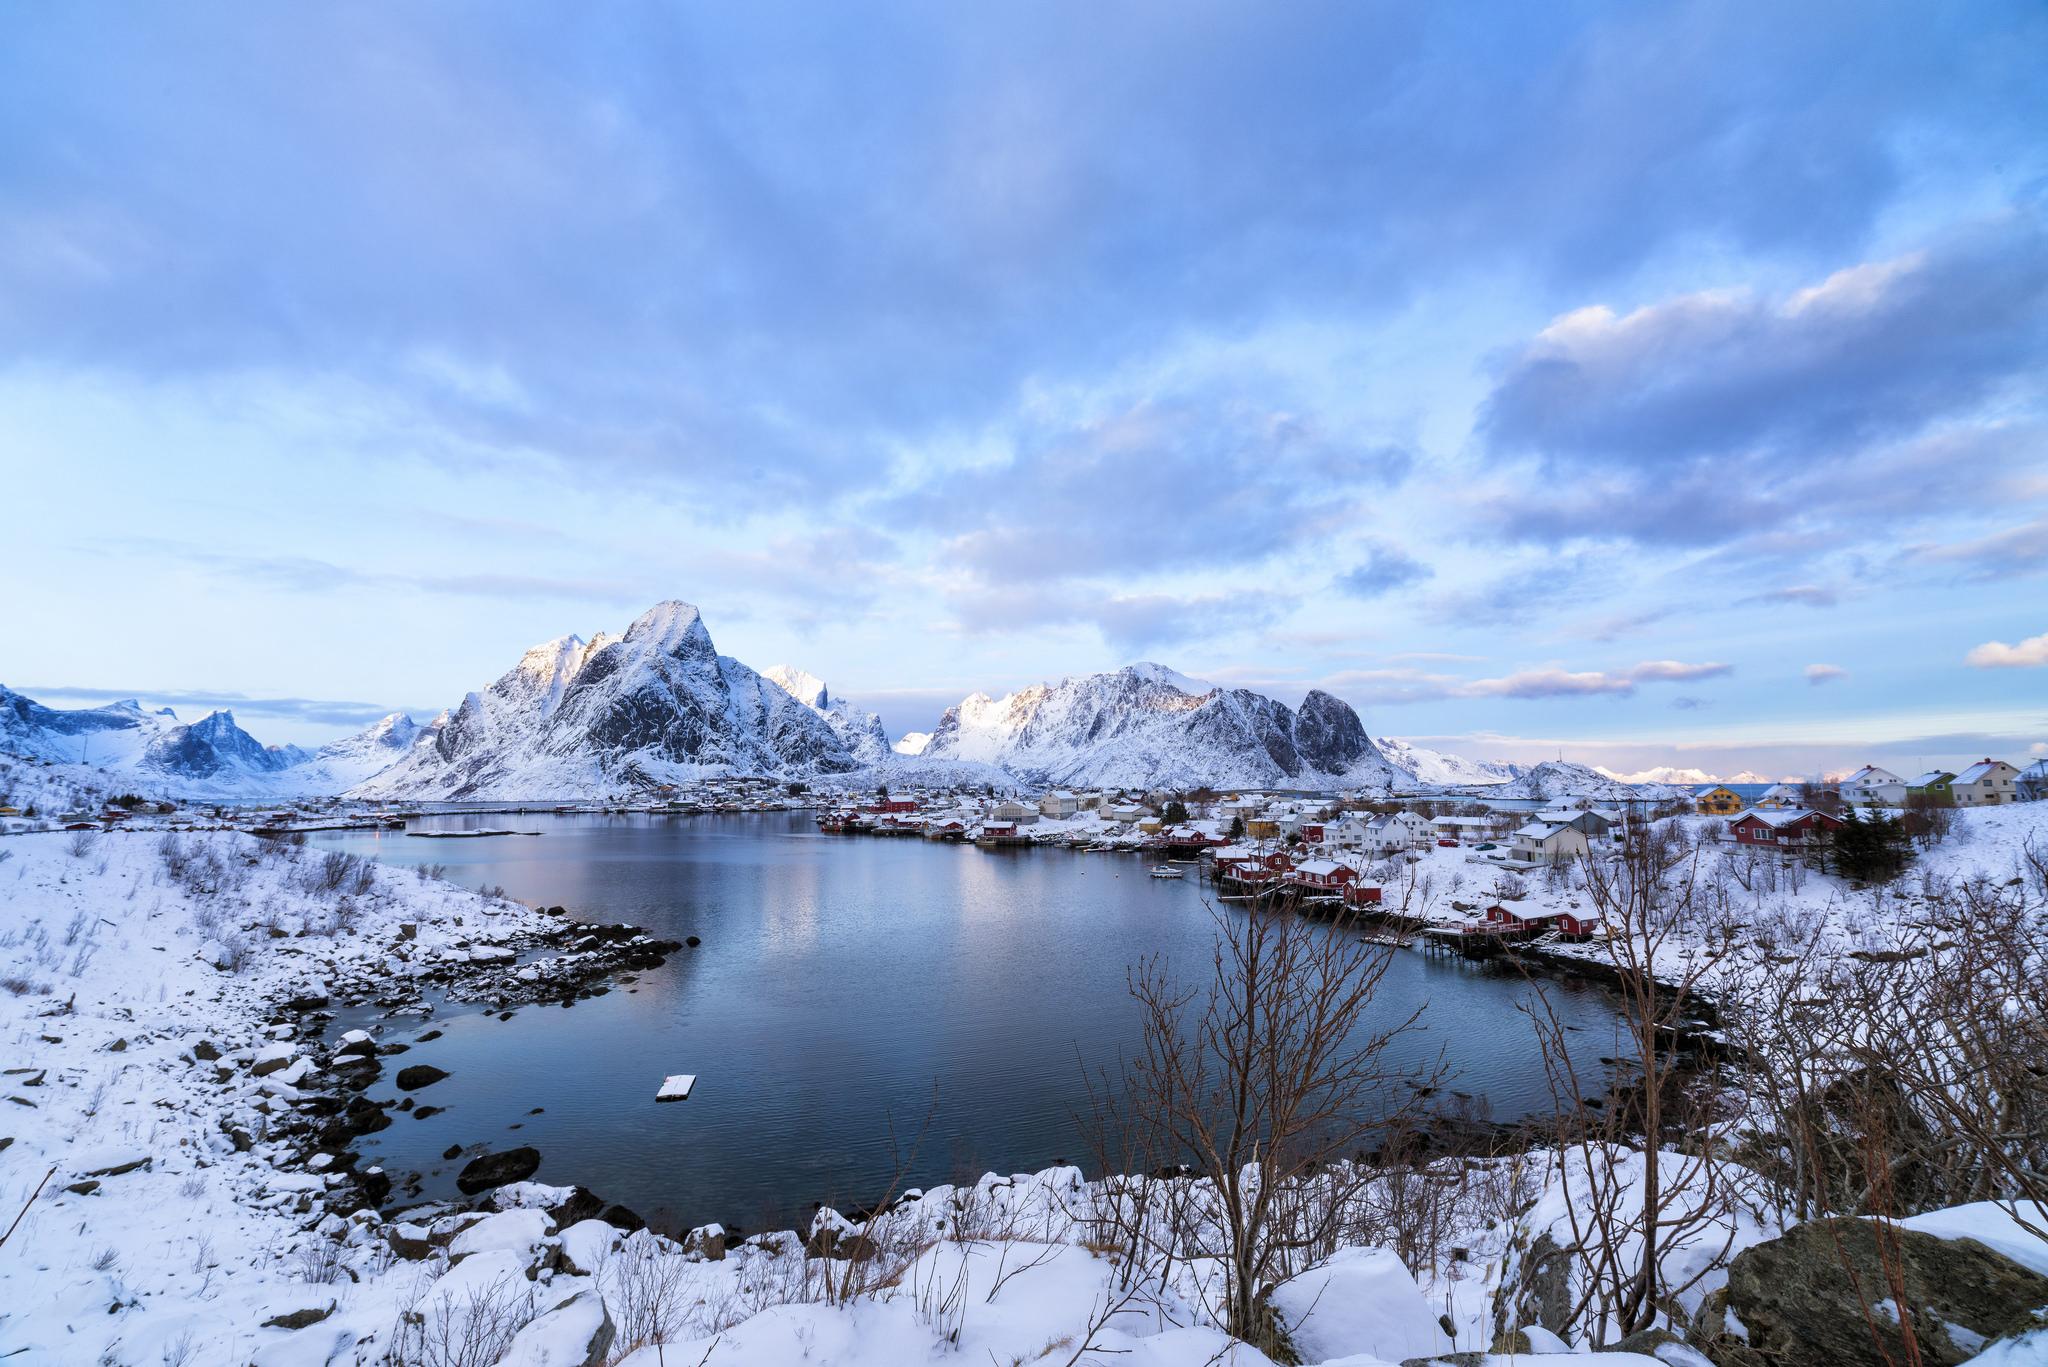 Montañas de nieve y lago - 2048x1367